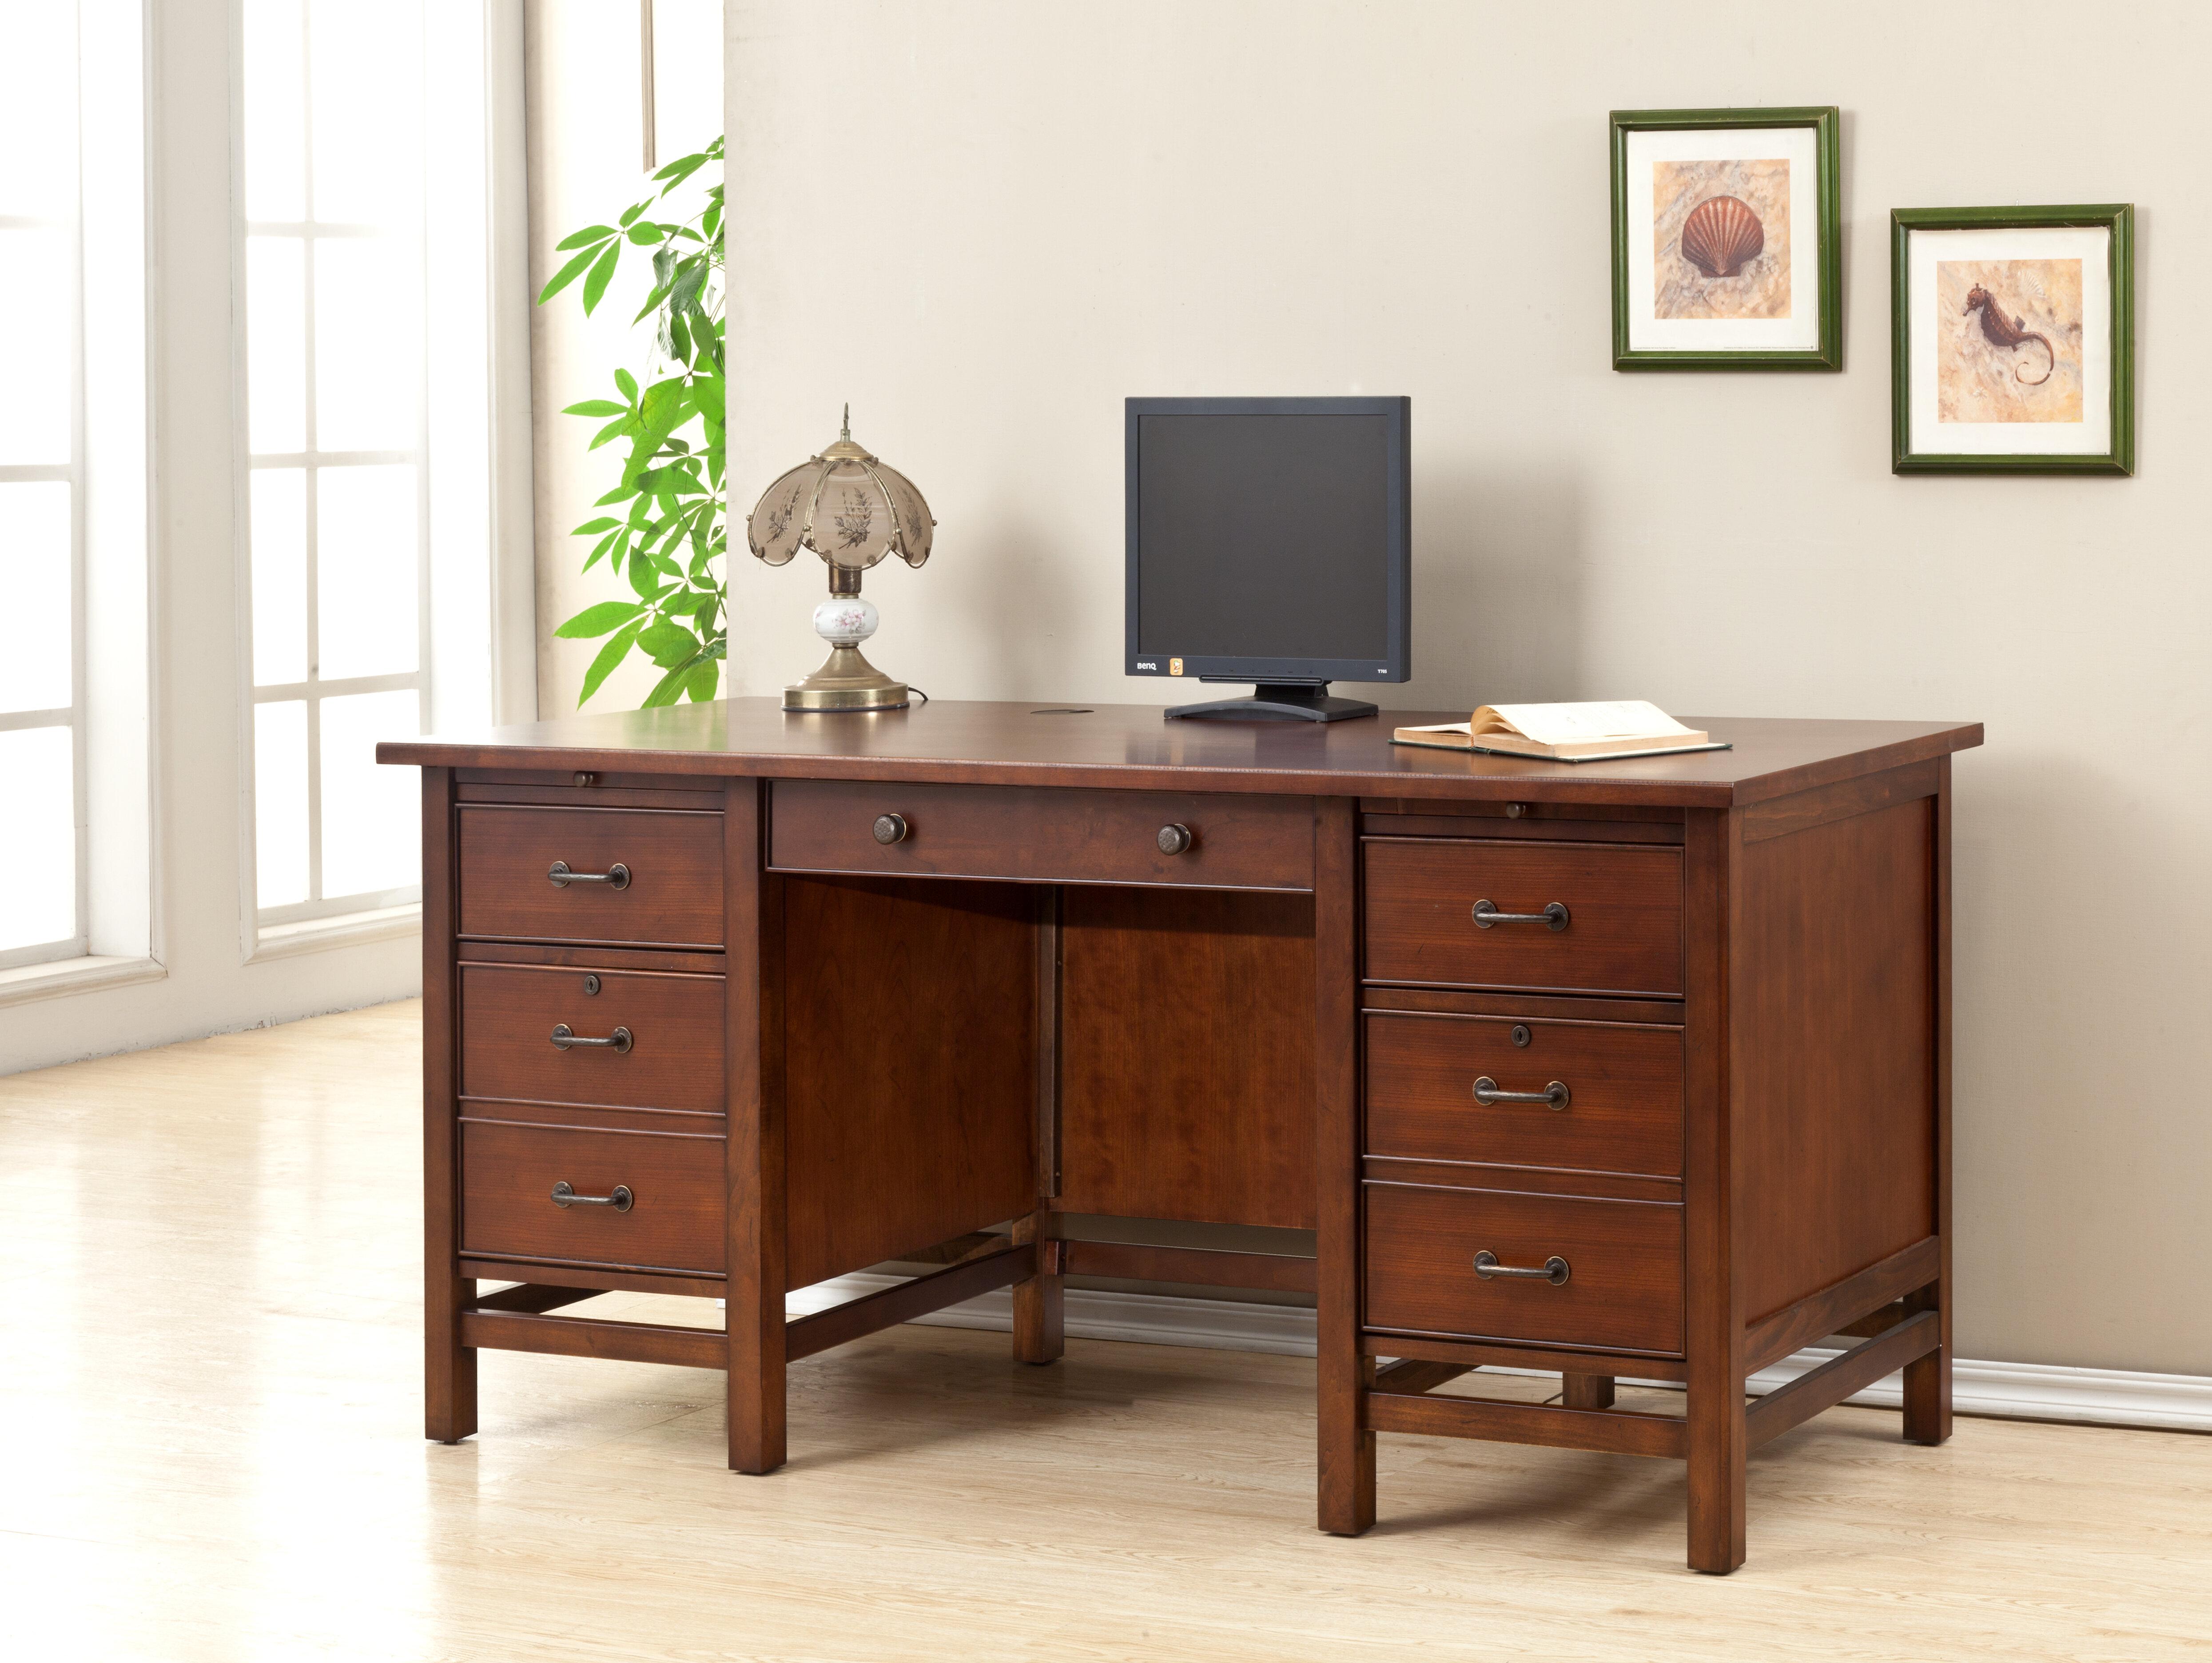 Darby Home Co Boonville Executive Desk   Wayfair